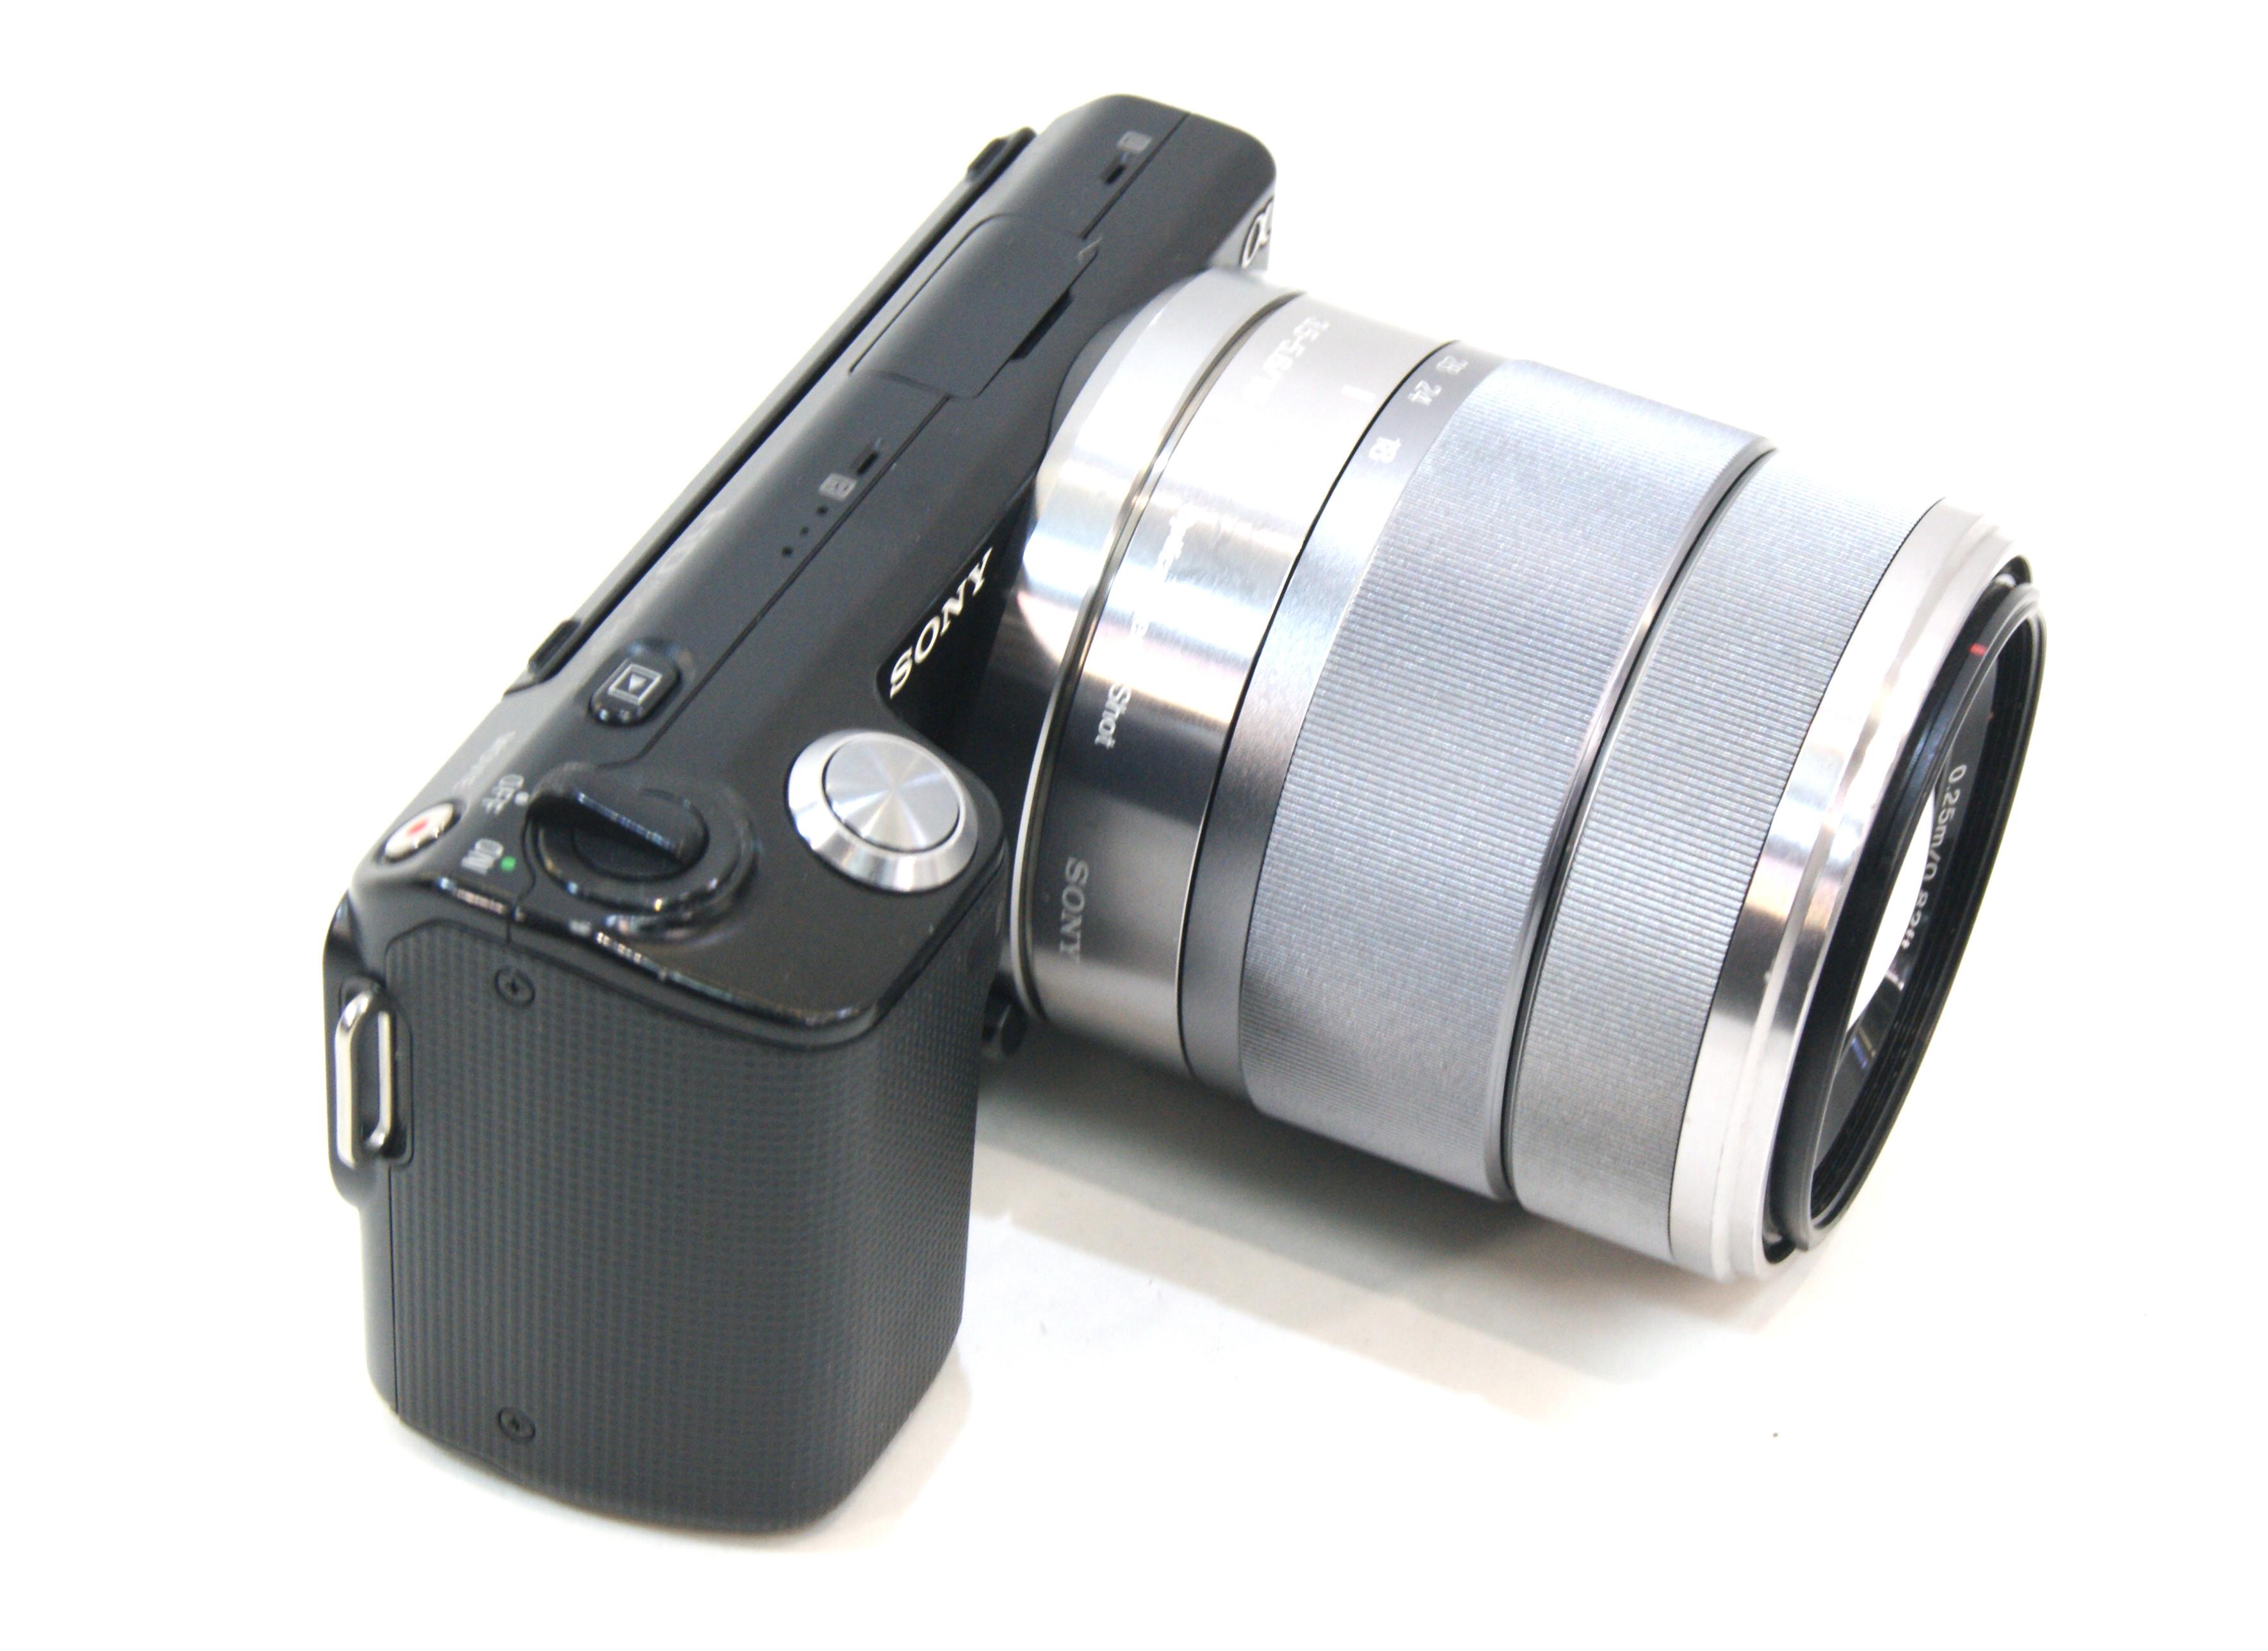 компактные фотоаппараты со светосильным объективом принимает